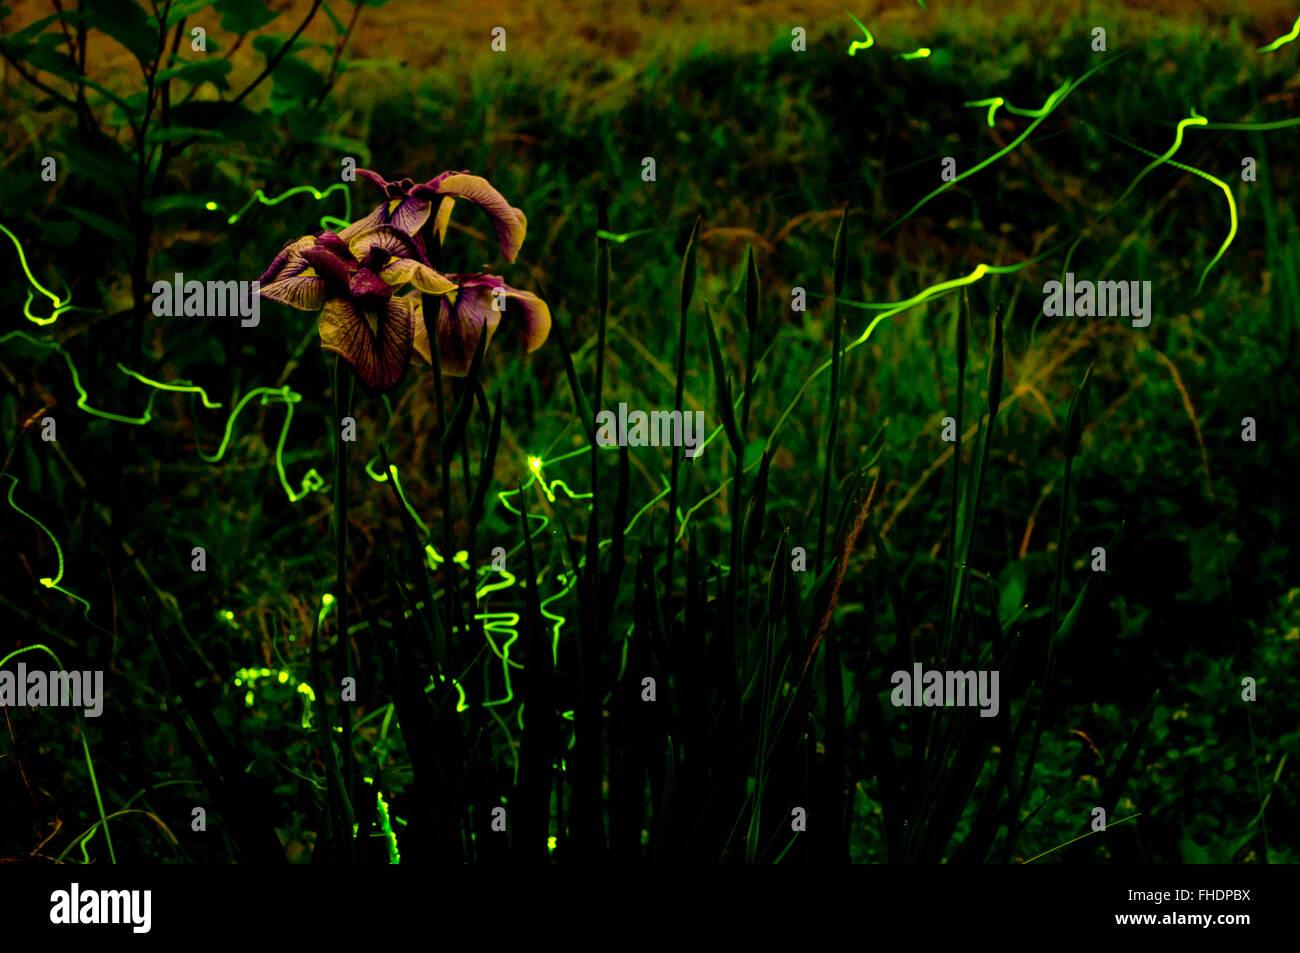 Fireflies - Stock Image